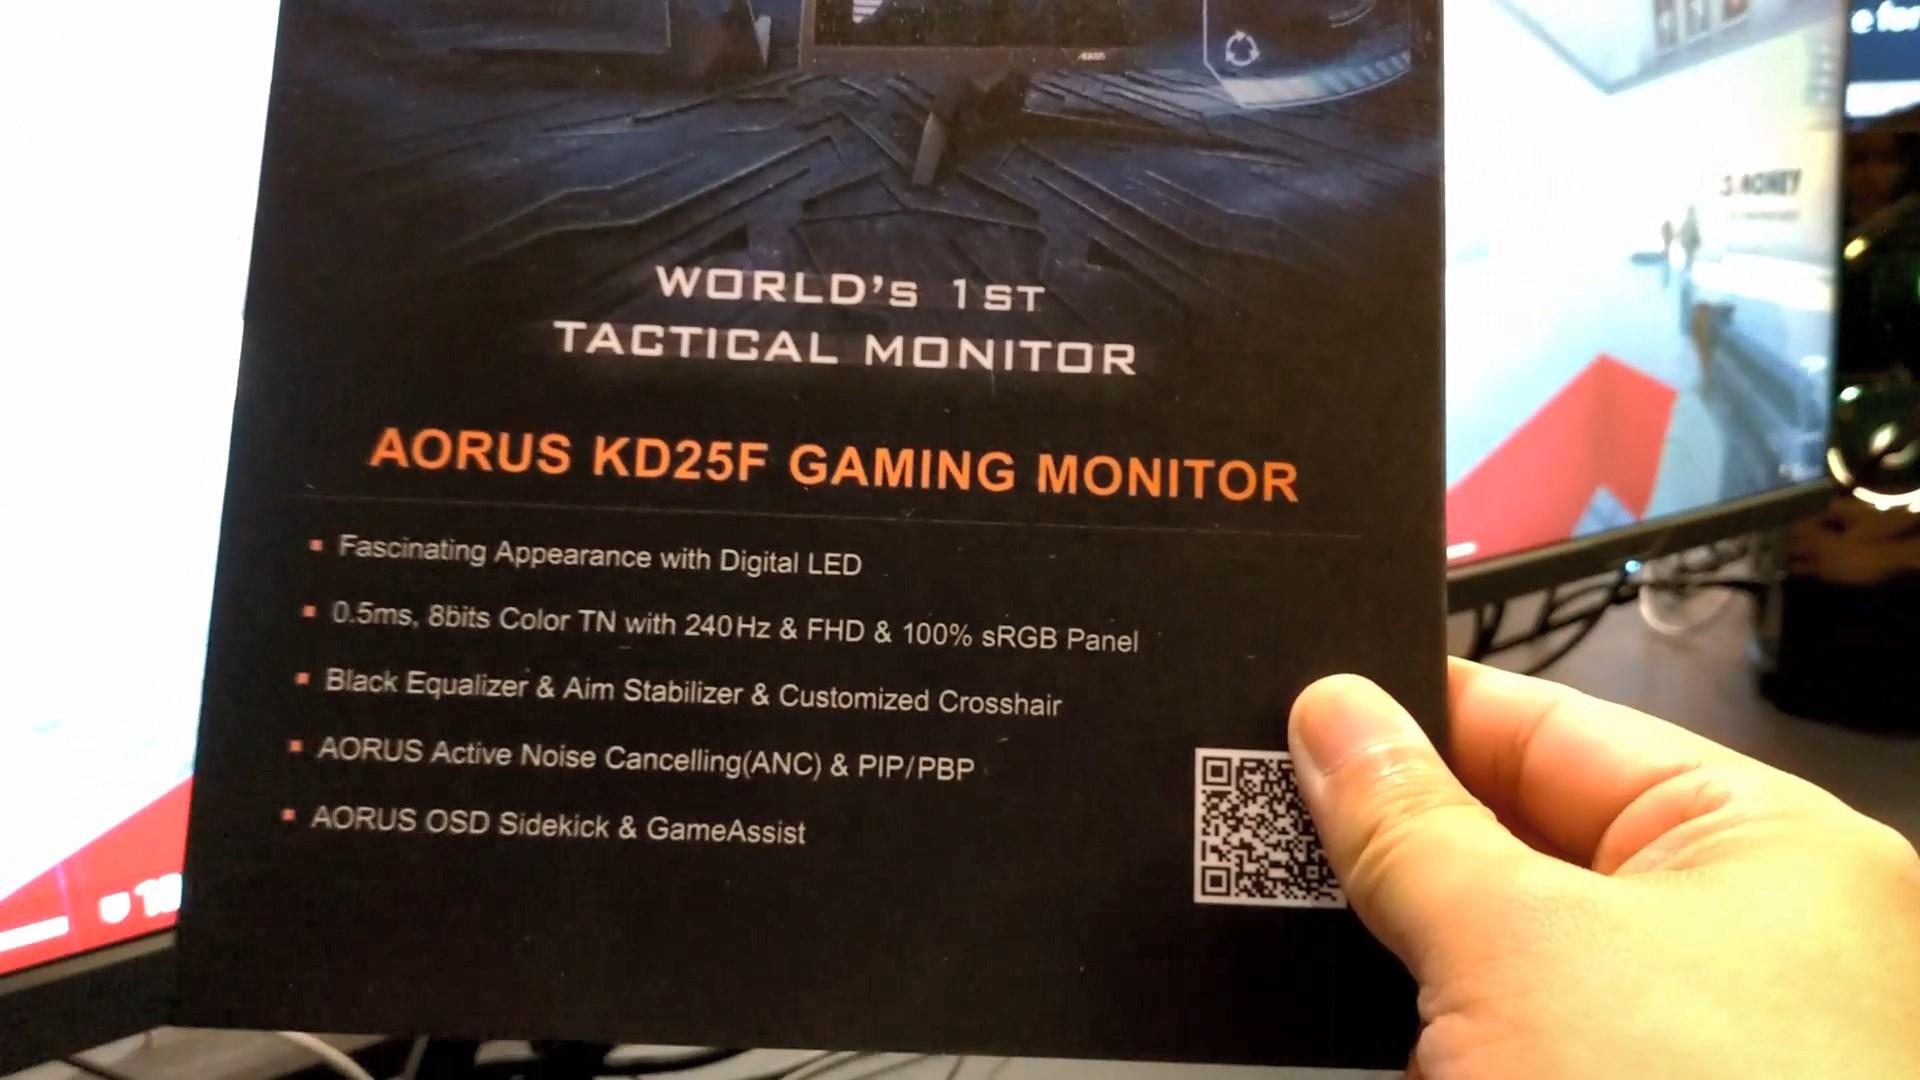 AORUS Introduces New CV27F and KD25F Gaming Monitors at Computex 2019 4